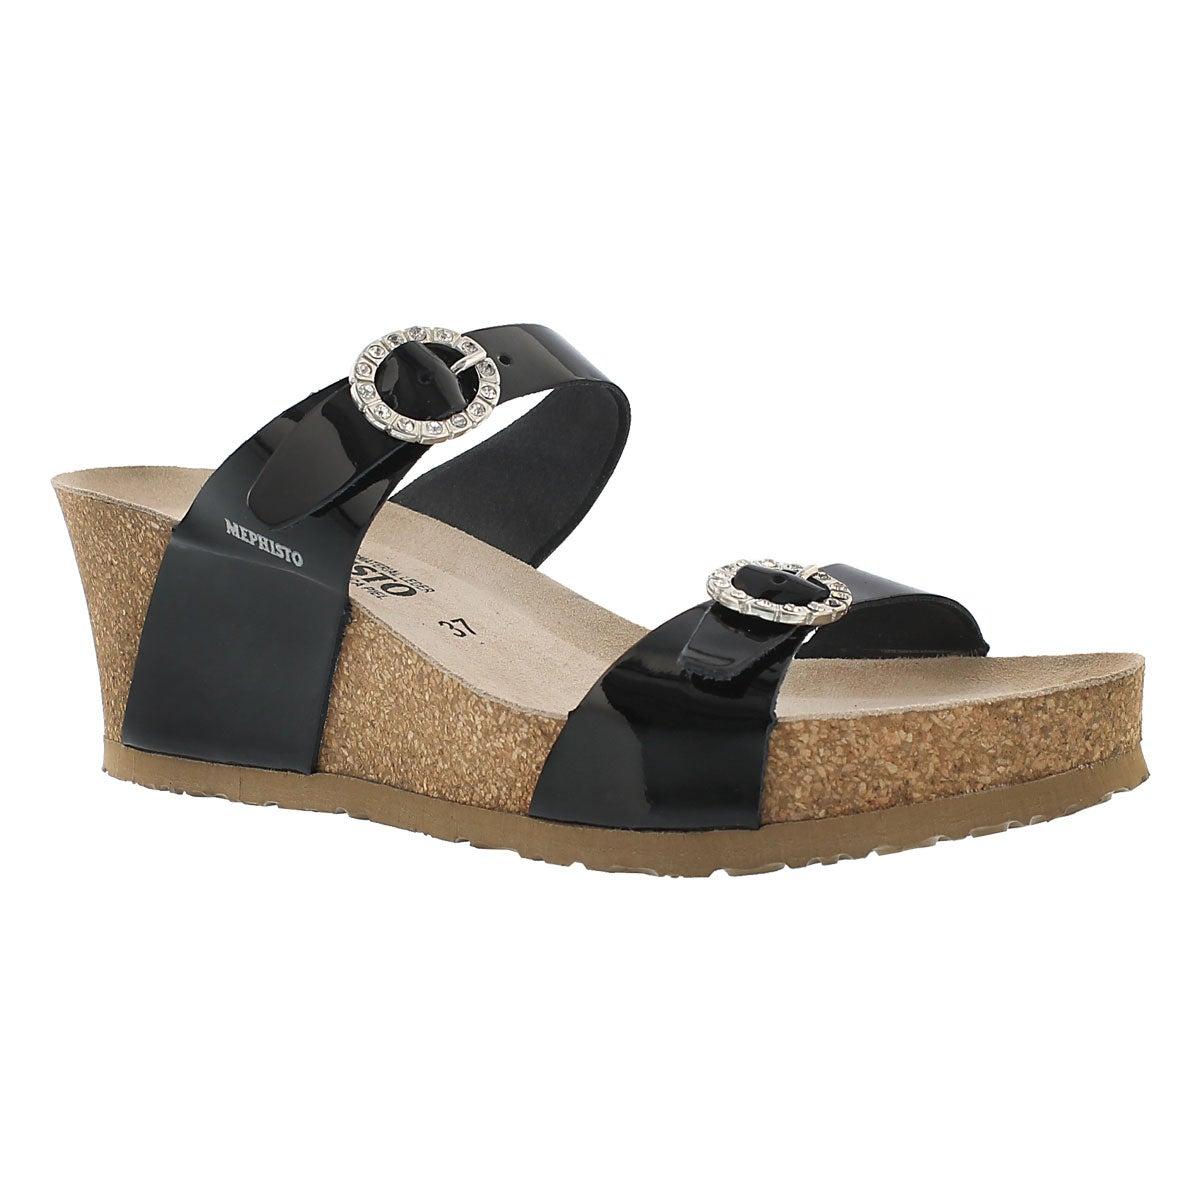 Lds Lidia blk pat crk footbed wdg sandal